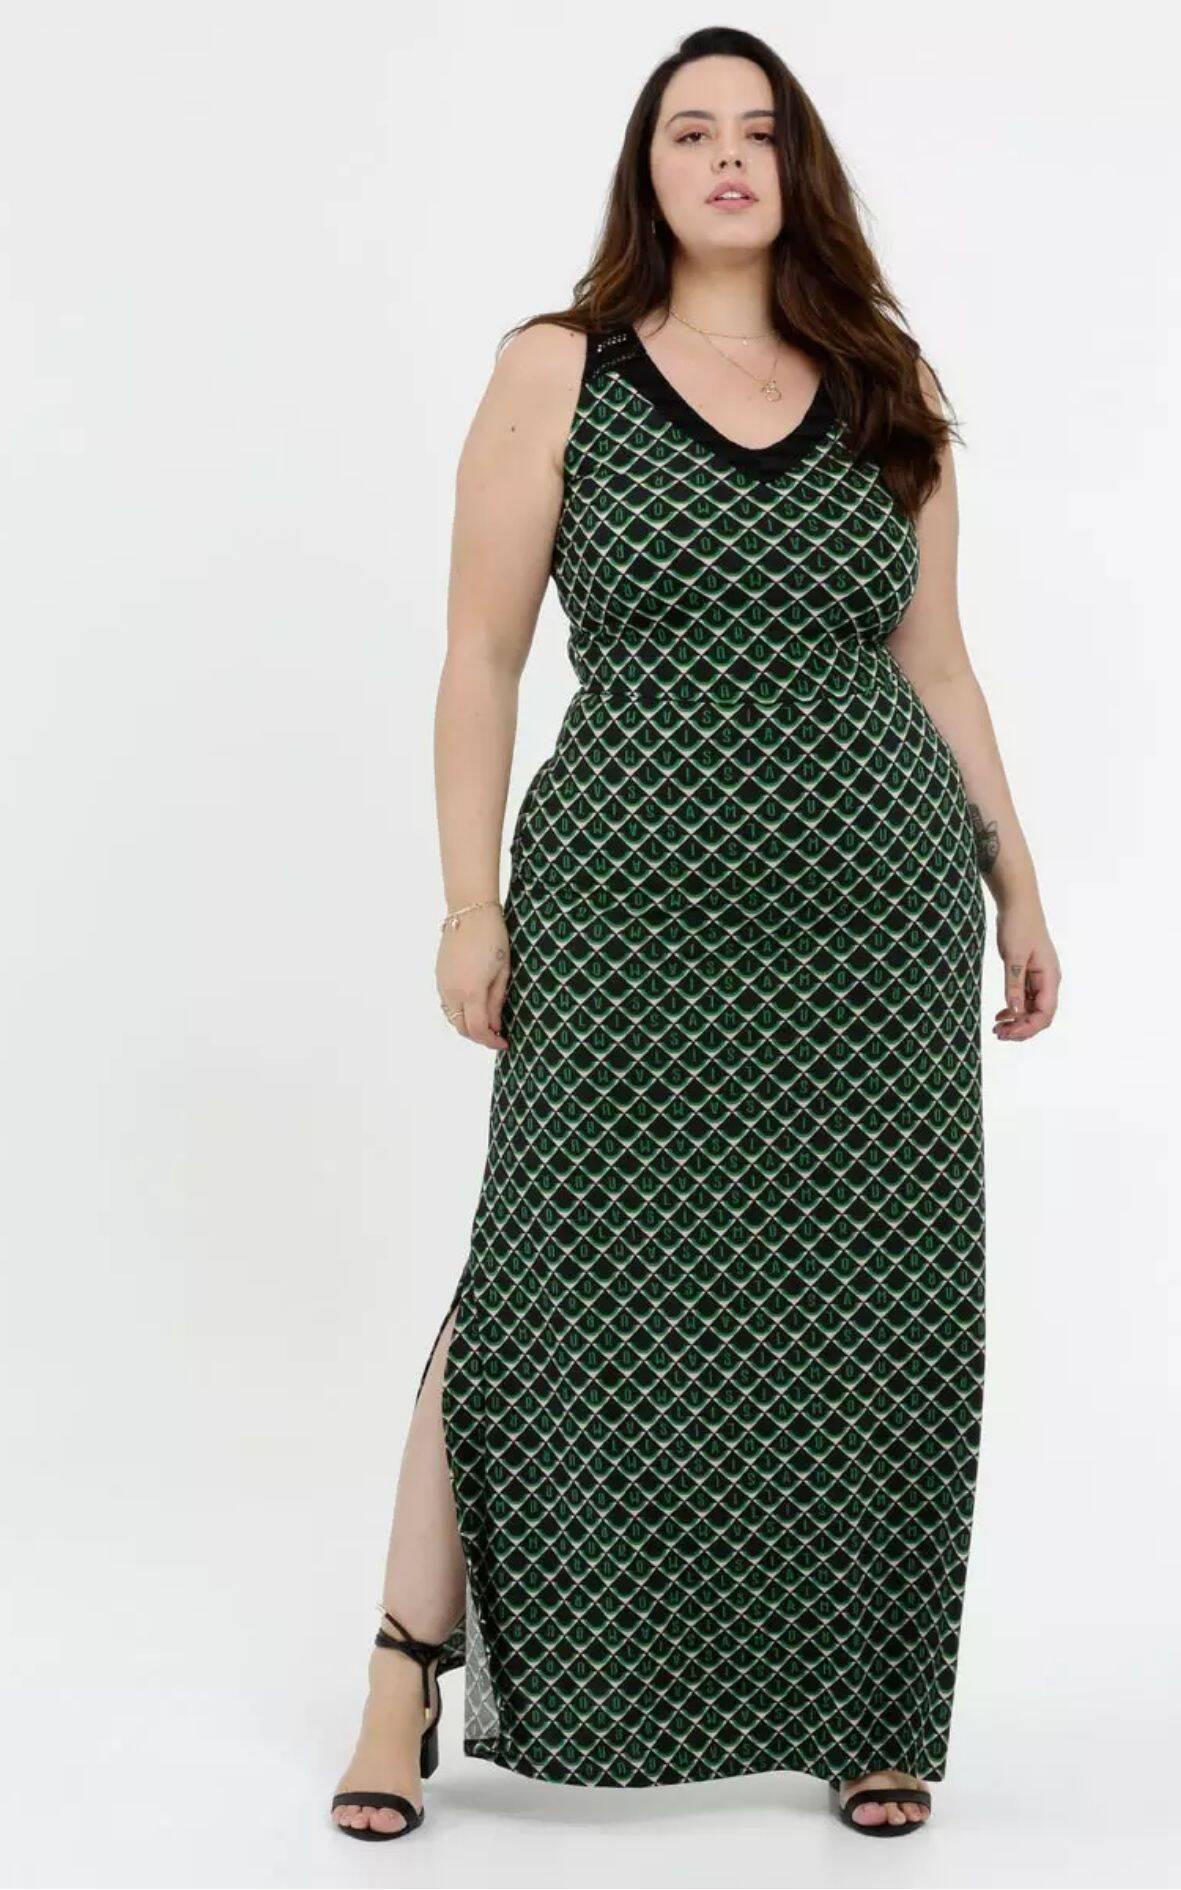 Vestido Feminino Longo Liganete Estampado Plus Size | Marisa | R$ 169,95. Foto: Divulgação